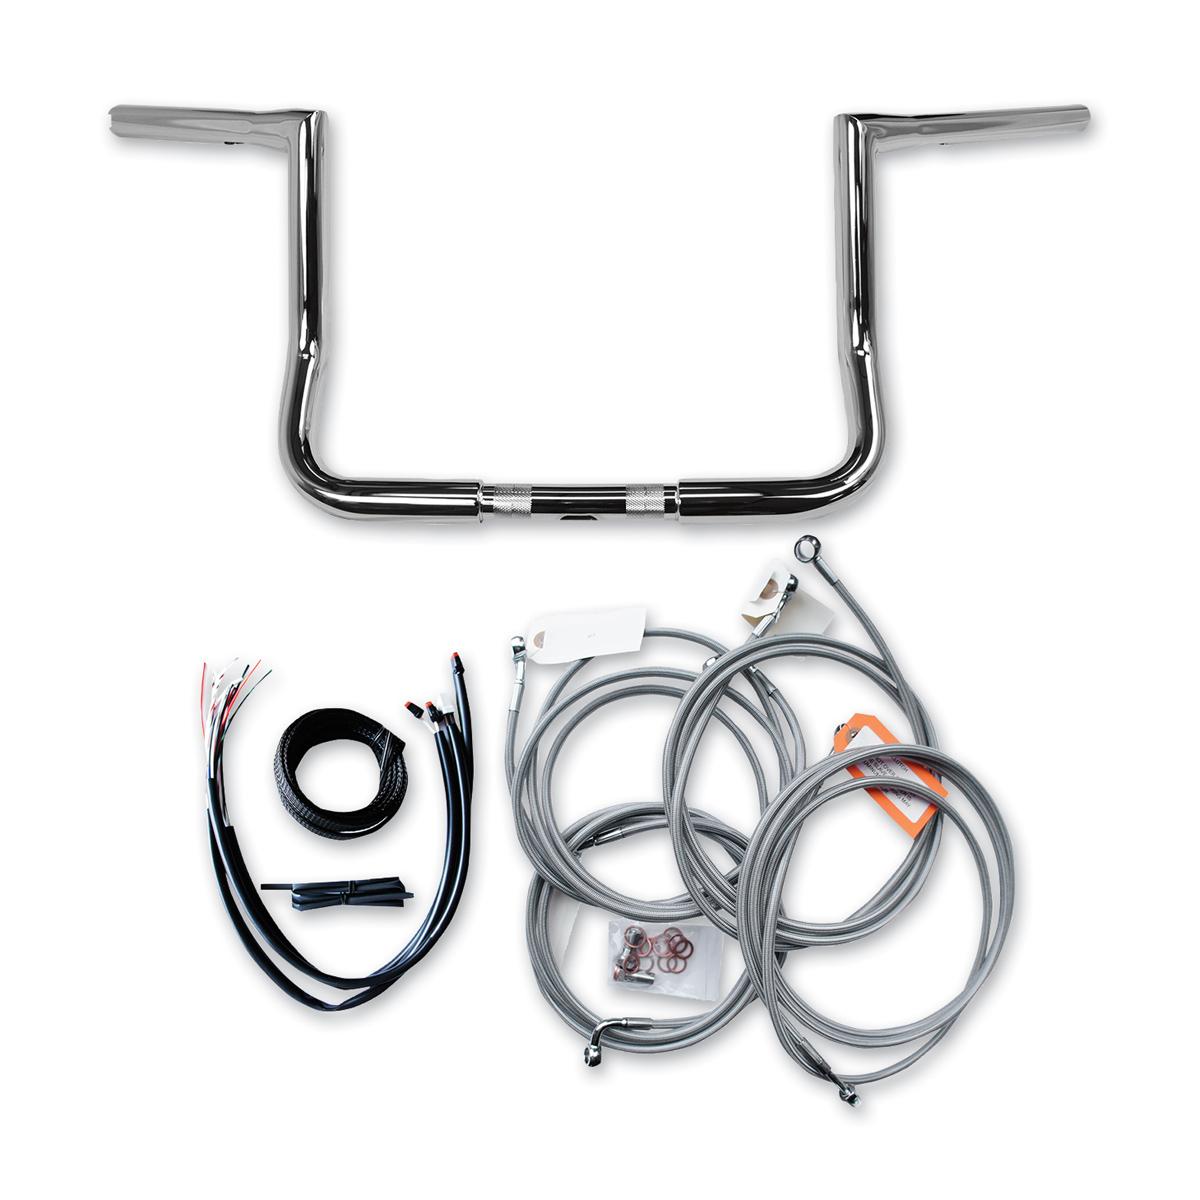 LA Choppers 1-1/4' Chrome 14' Bagger Ape Hanger Stainless Braided Handlebar Kit